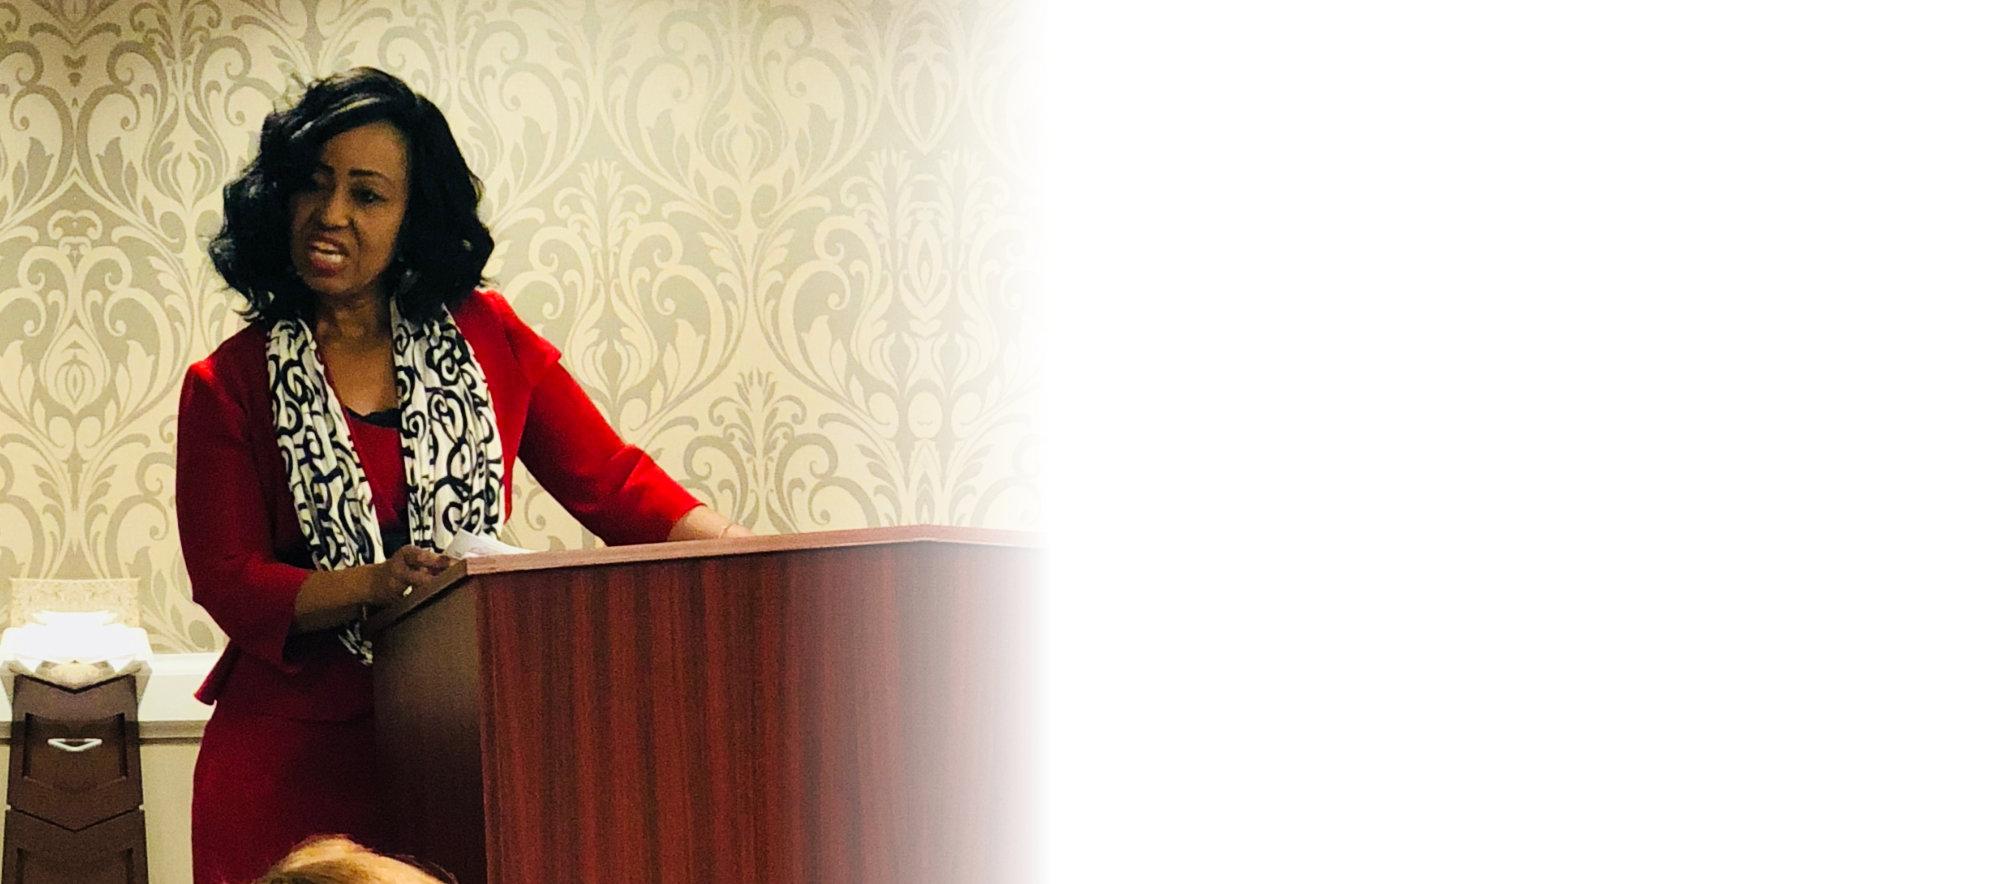 woman having a speech